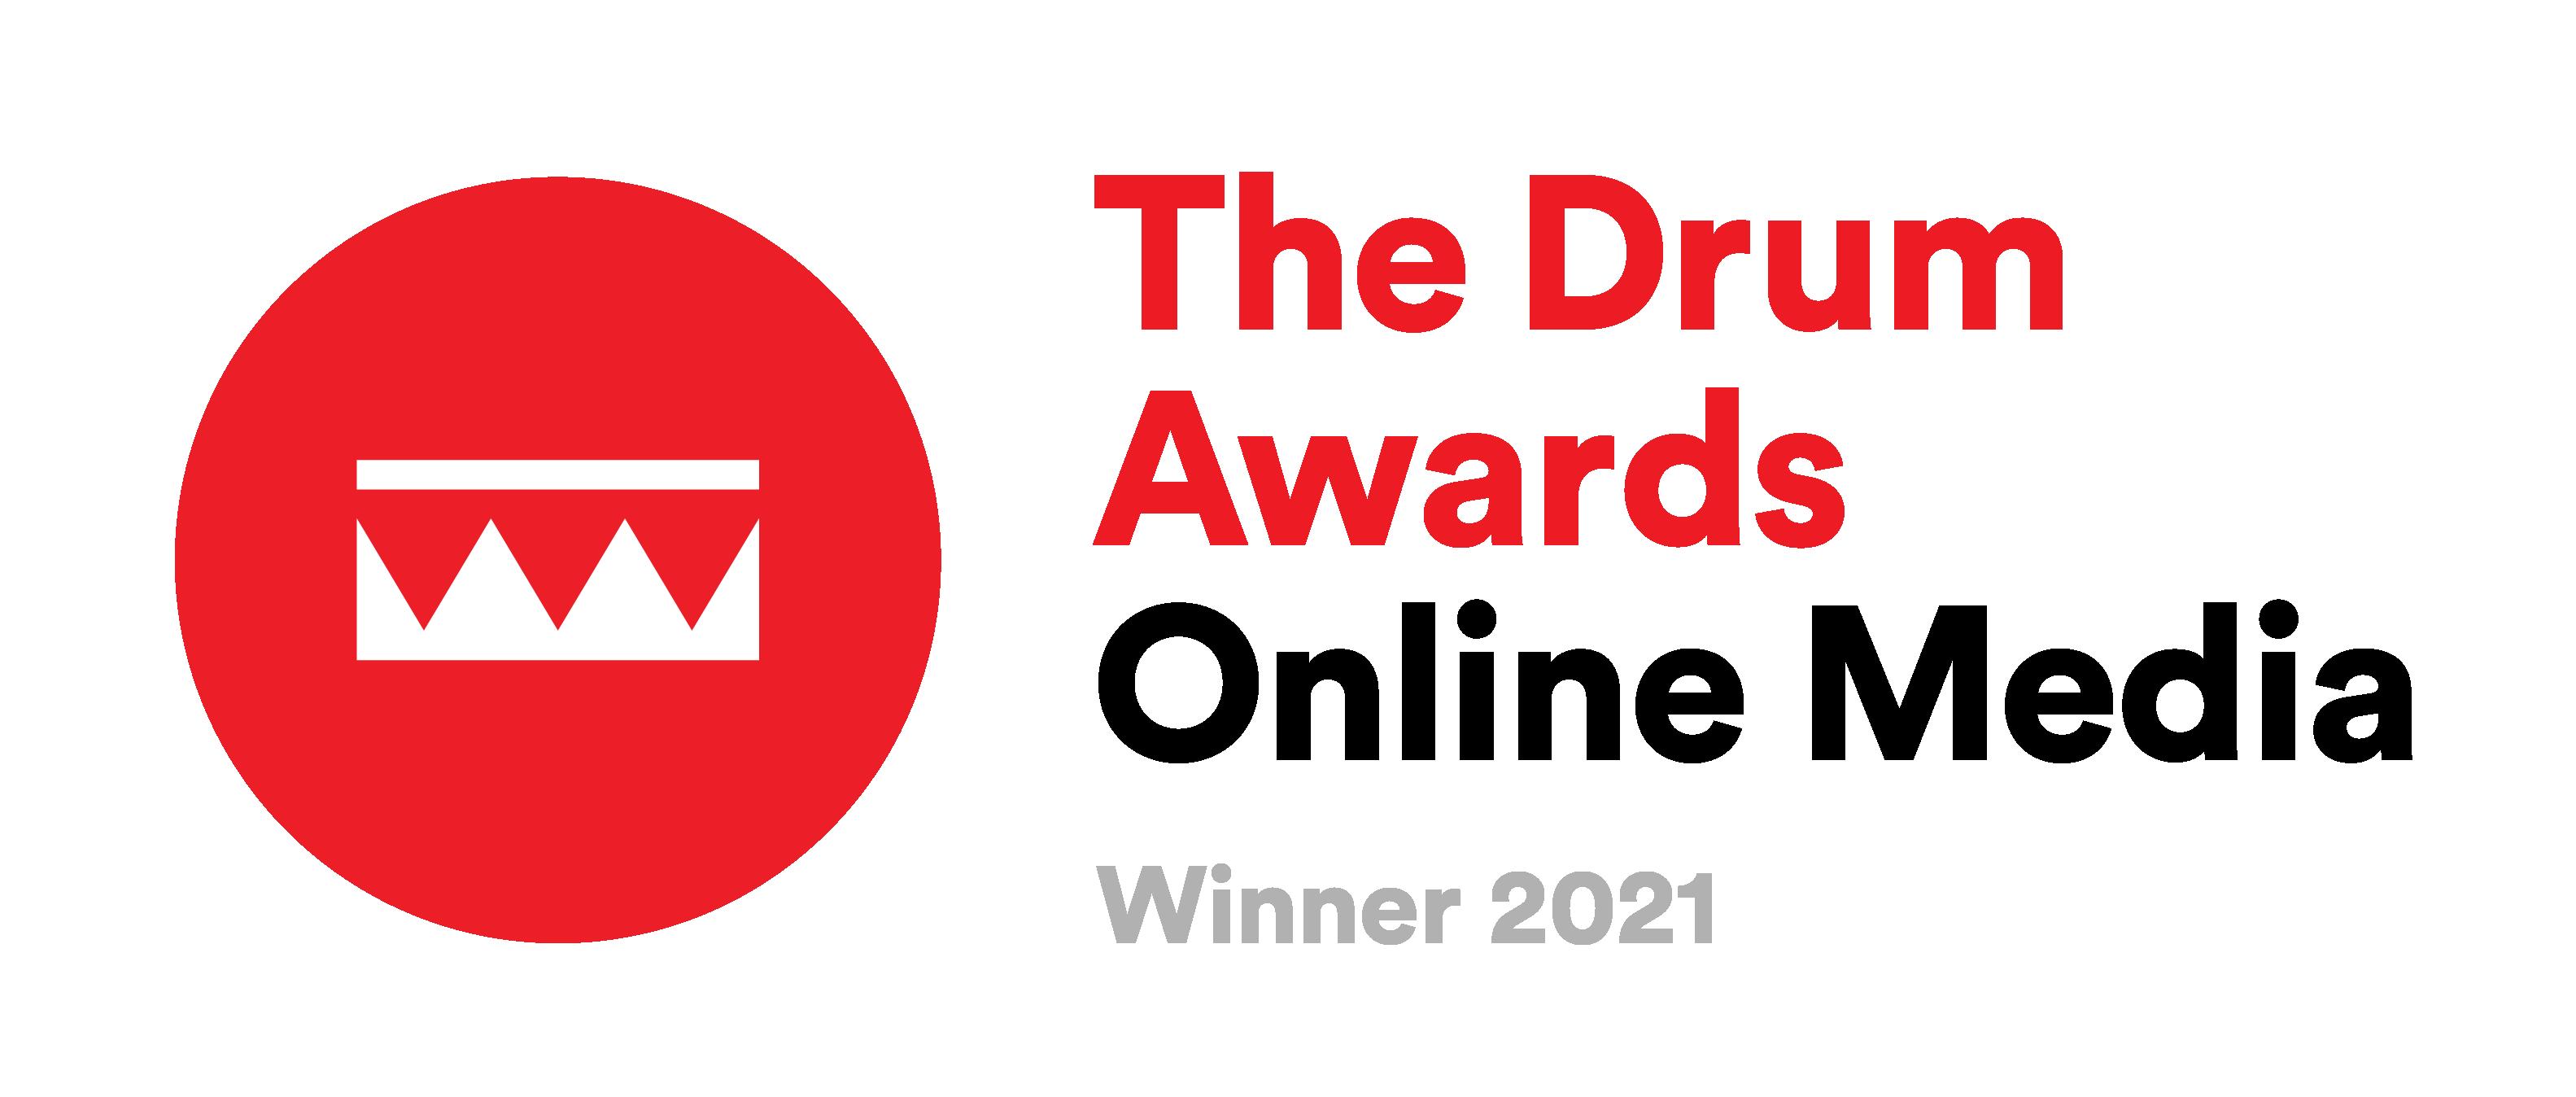 Drum online media awards winner badge